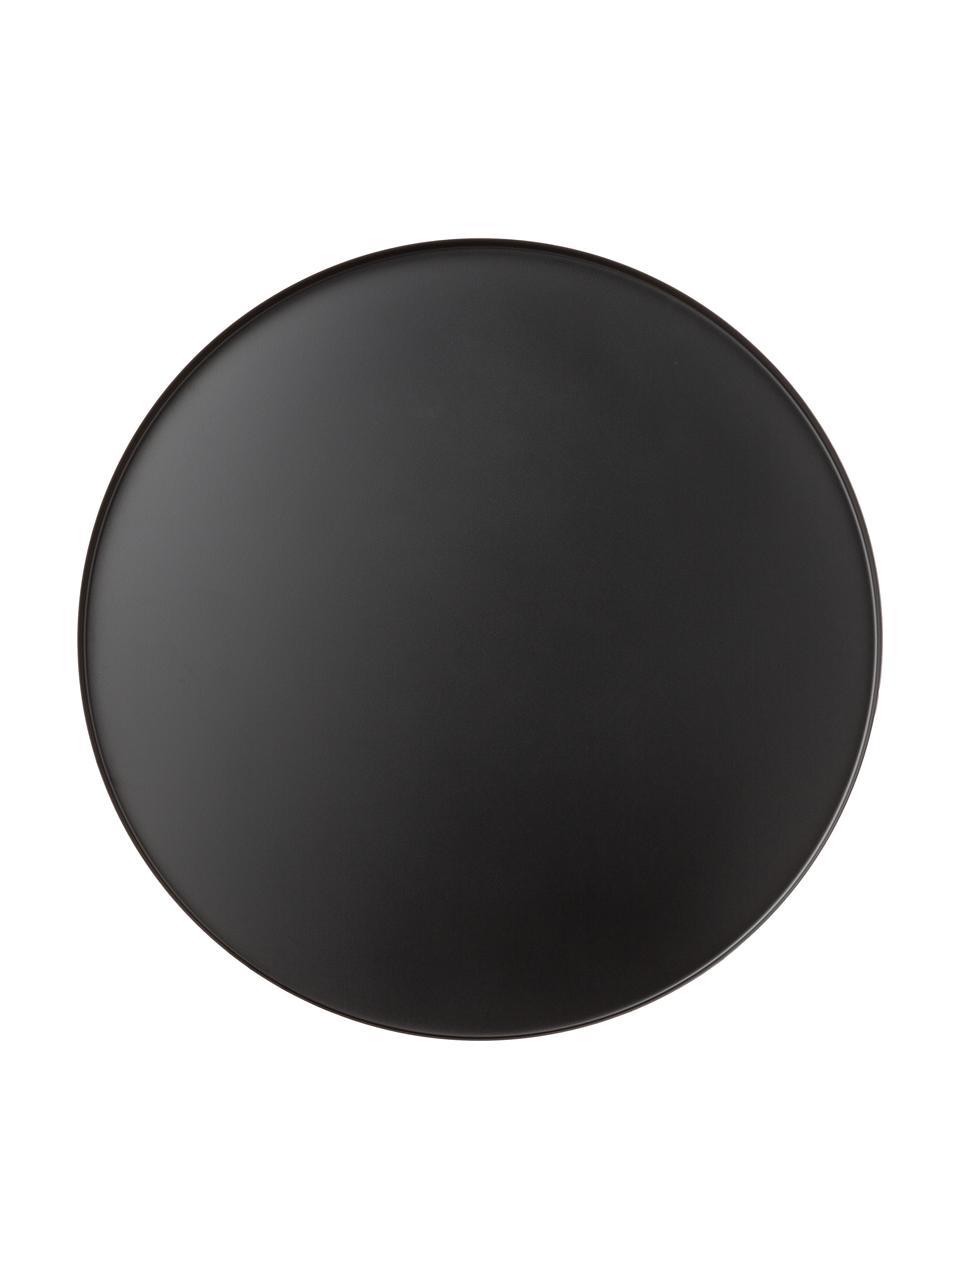 Okrągła taca dekoracyjna Circle, Stal szlachetna , malowana proszkowo, Czarny, matowy, Ø 40 x W 2 cm